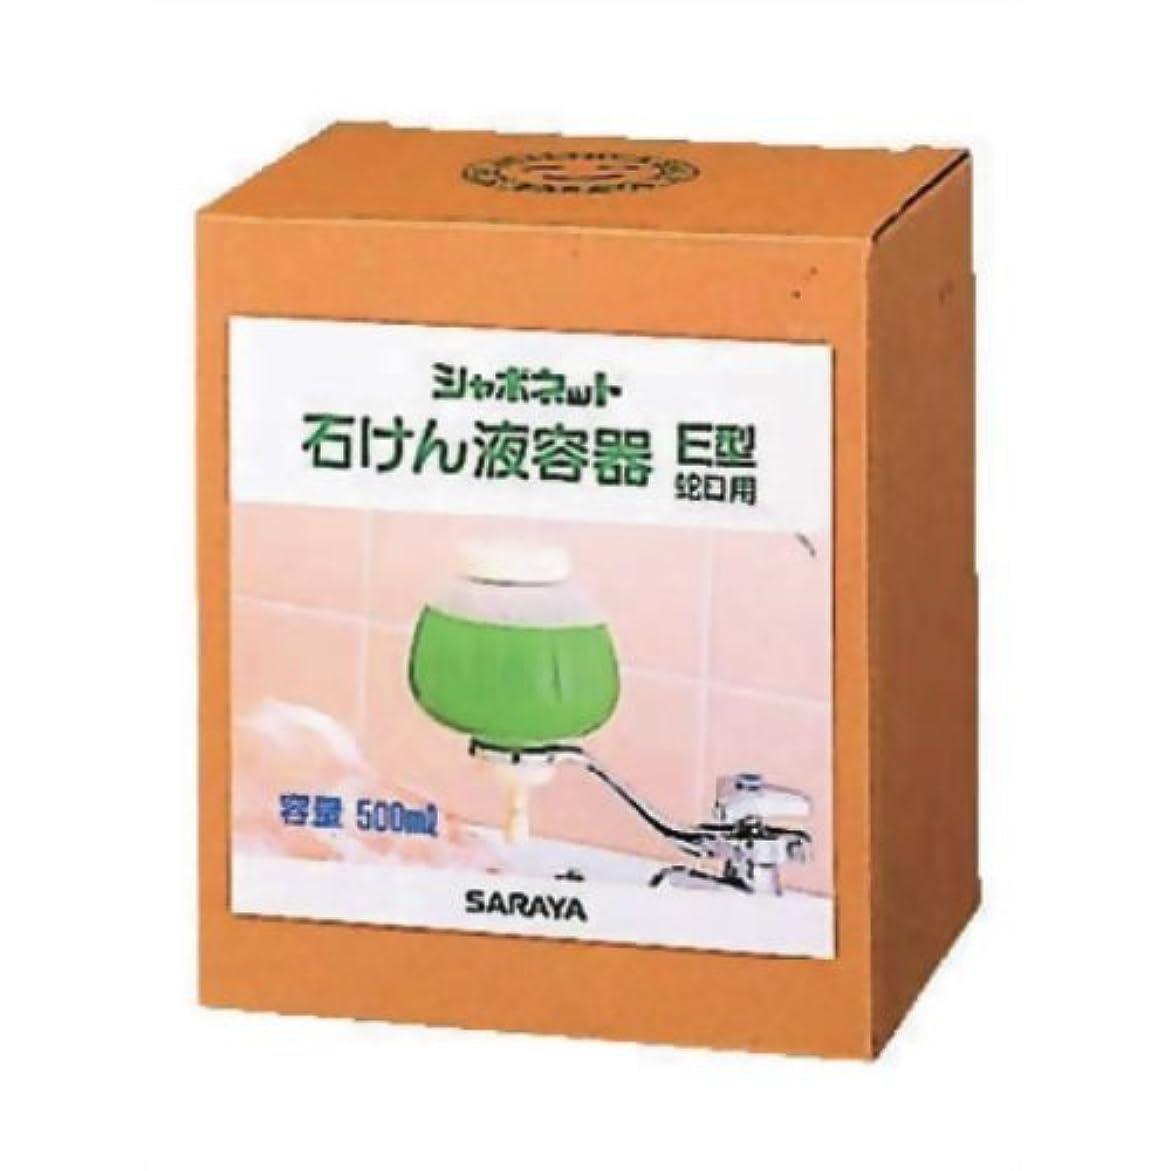 コスチューム防水現実にはシャボネット 石鹸液容器 E型蛇口用 500ml